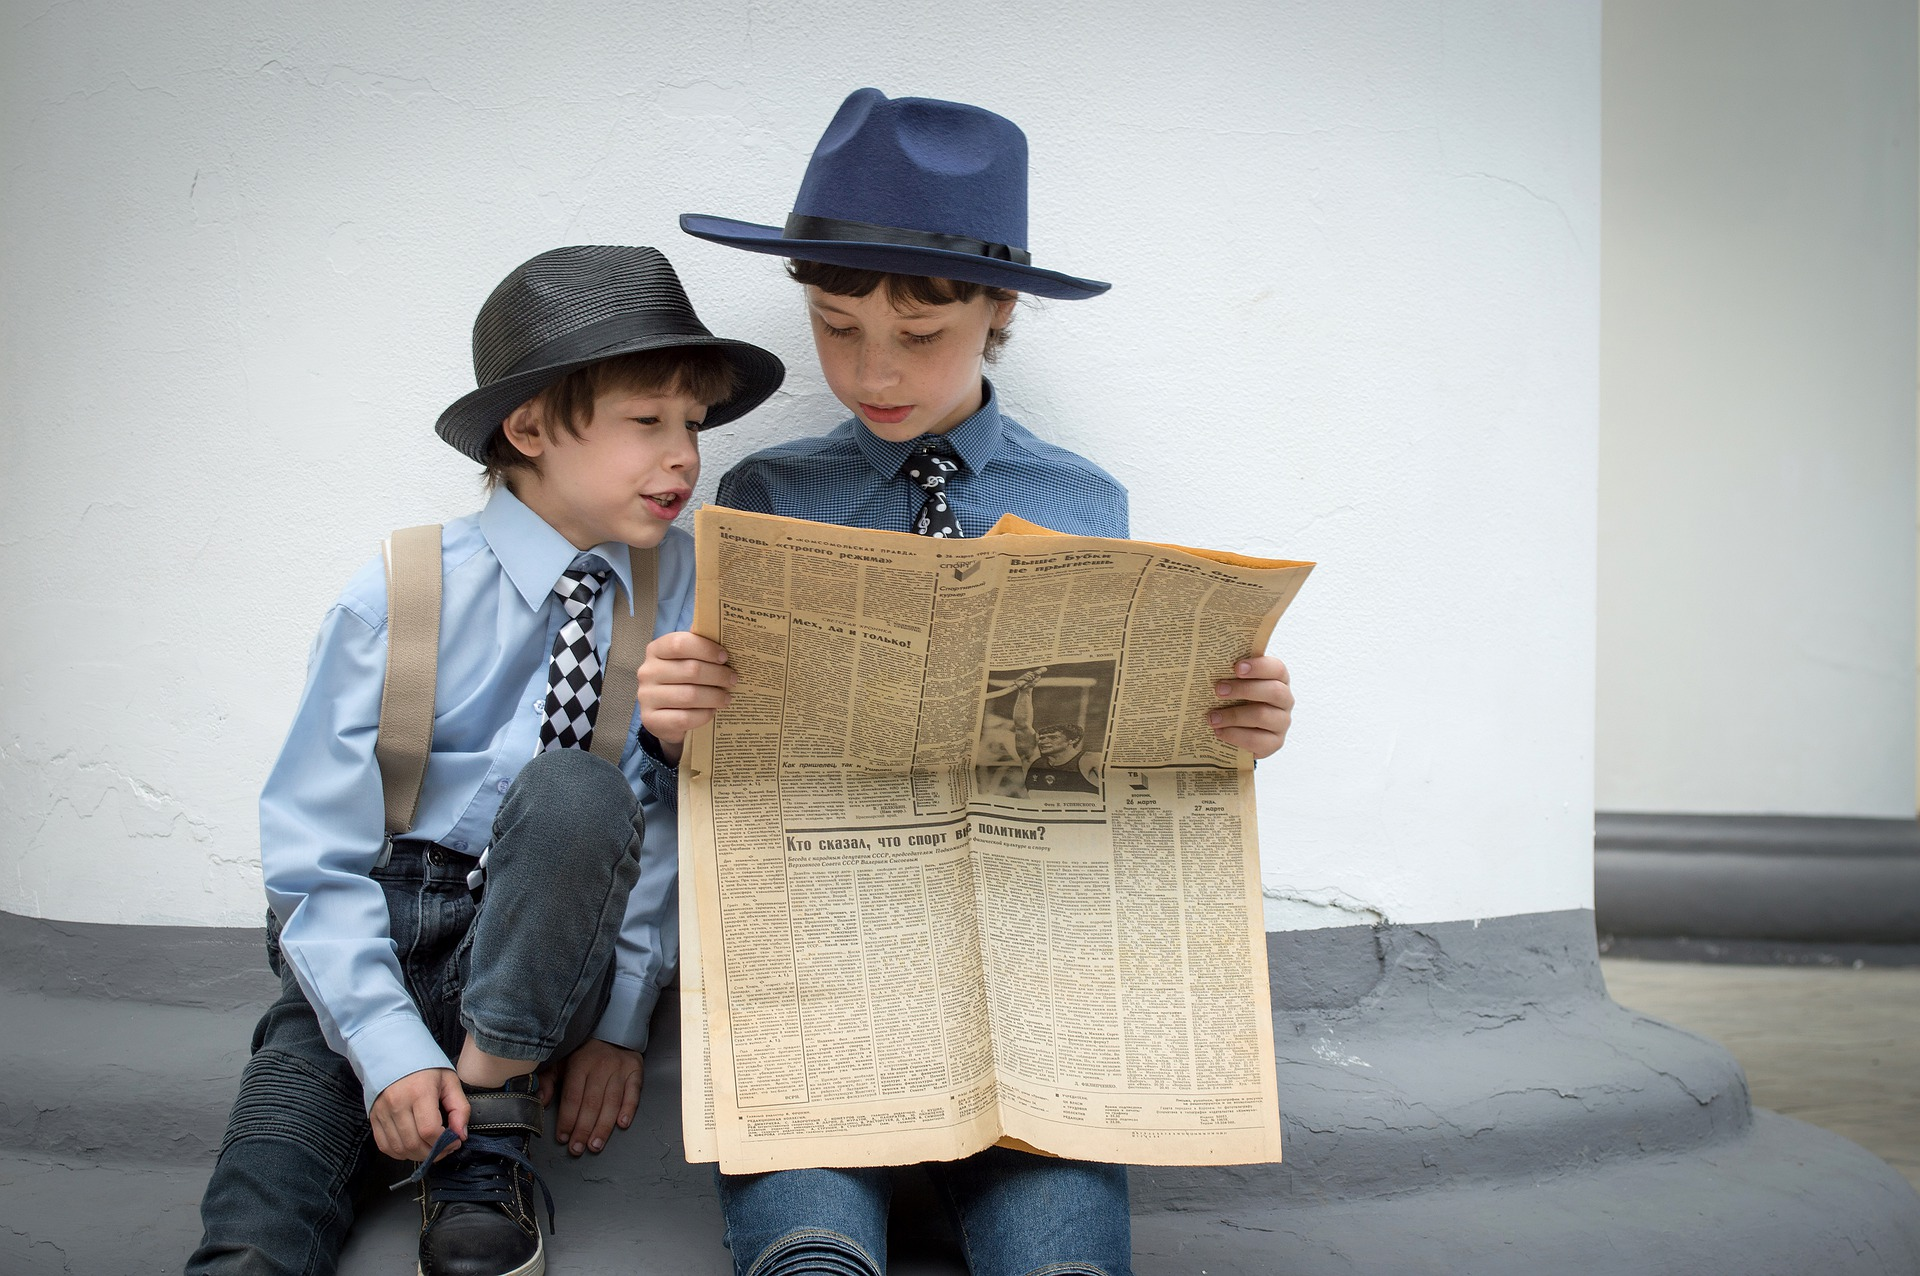 newspaper-6279142_1920